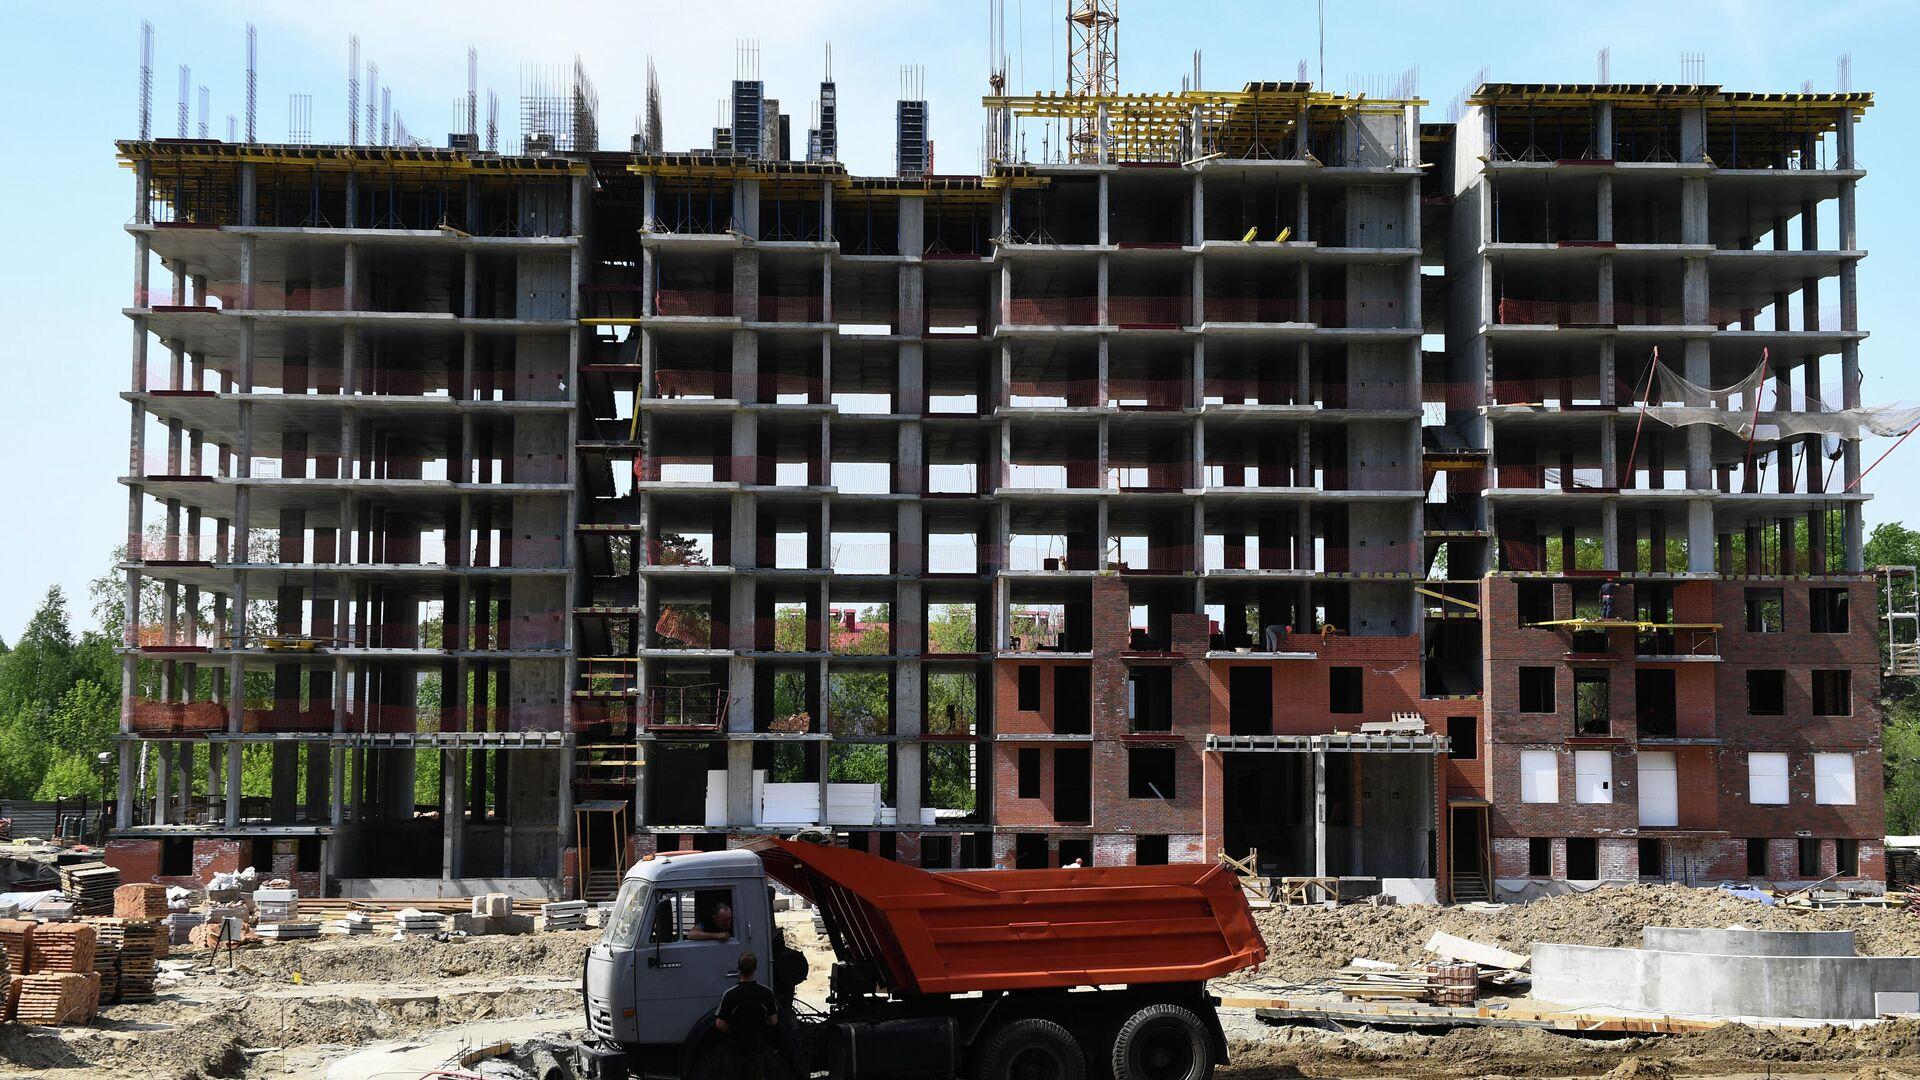 Строительство жилого комплекса - РИА Новости, 1920, 13.07.2020